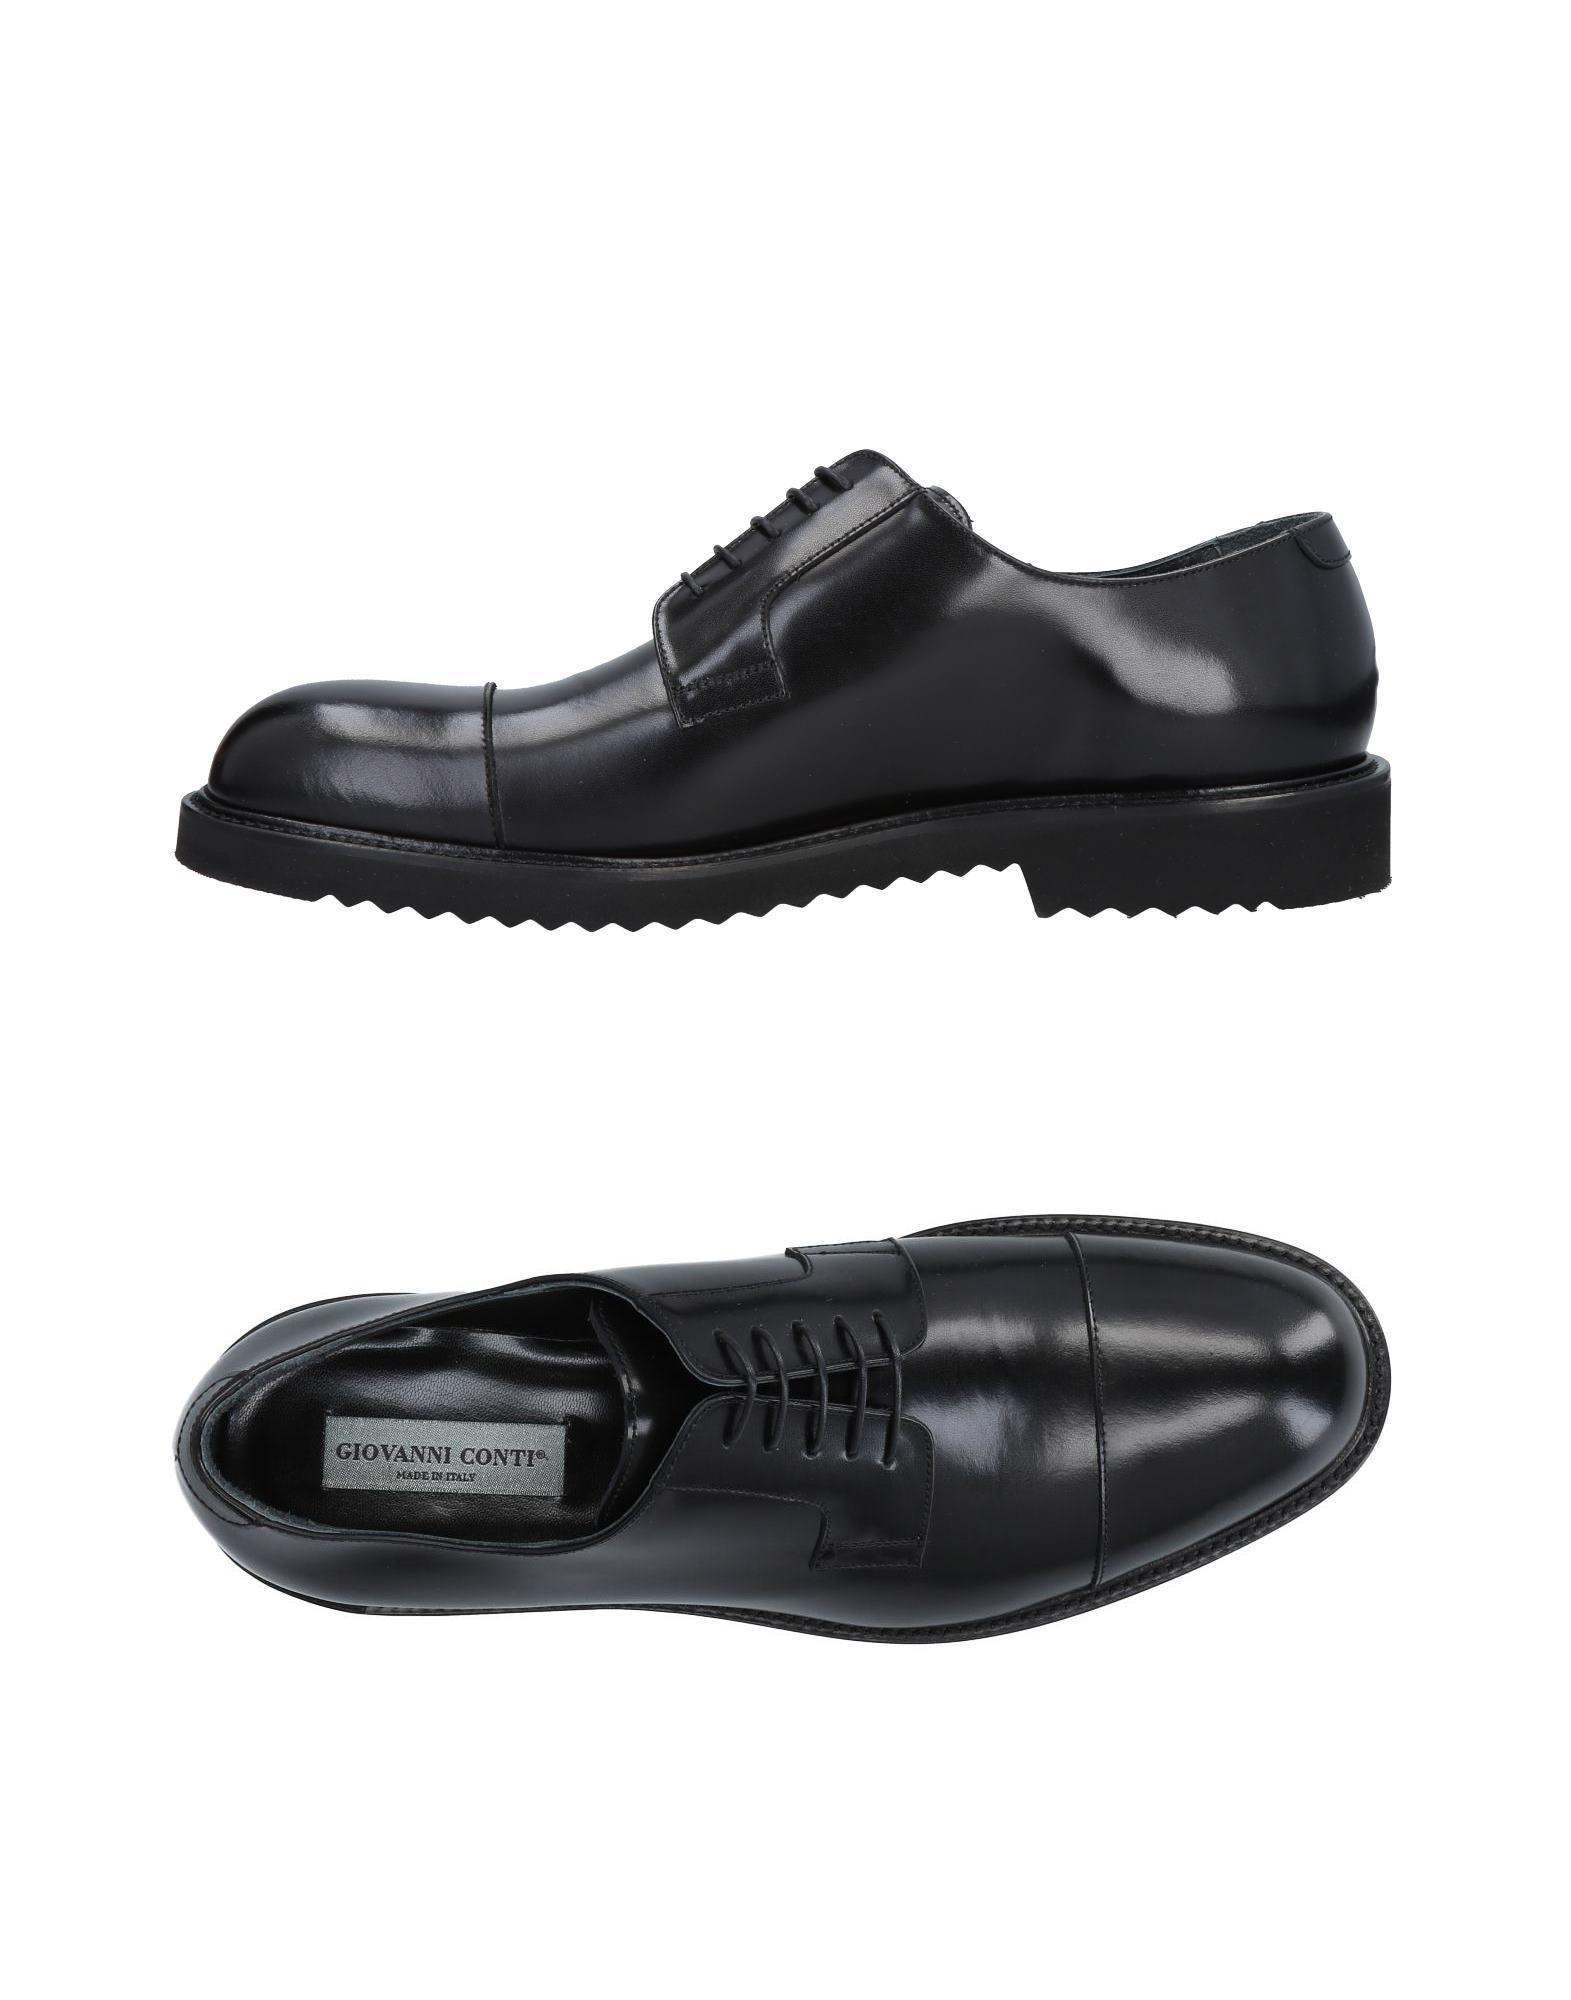 Giovanni Conti Schnürschuhe Herren  11471580GN Gute Qualität beliebte Schuhe